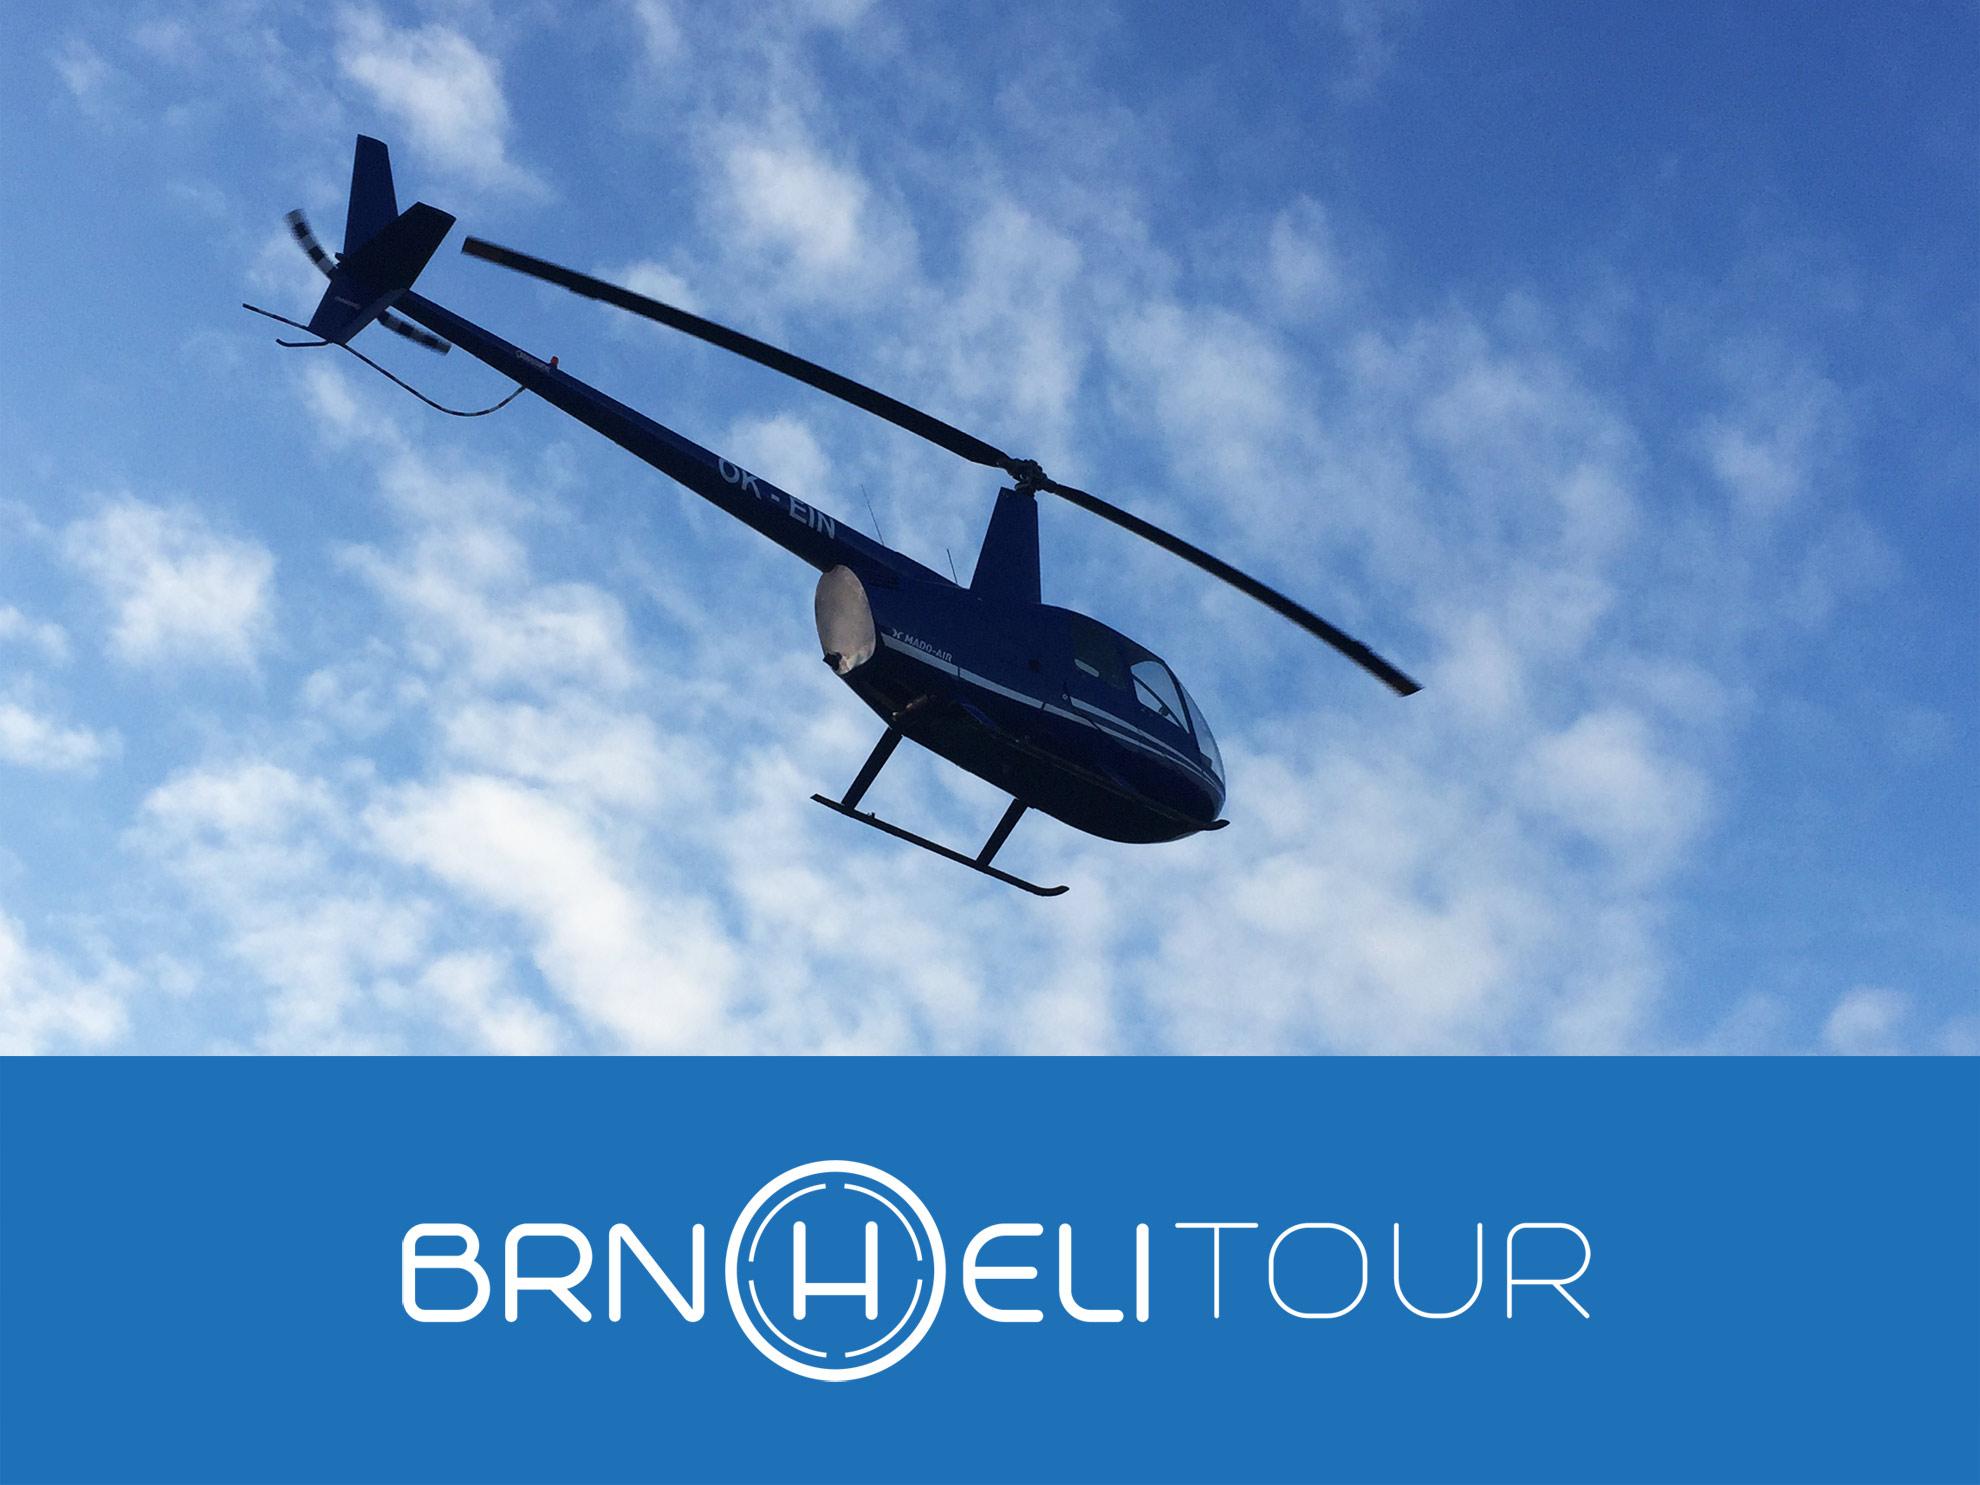 Romanticky let vrtulníkem Brno pro 2 osoby